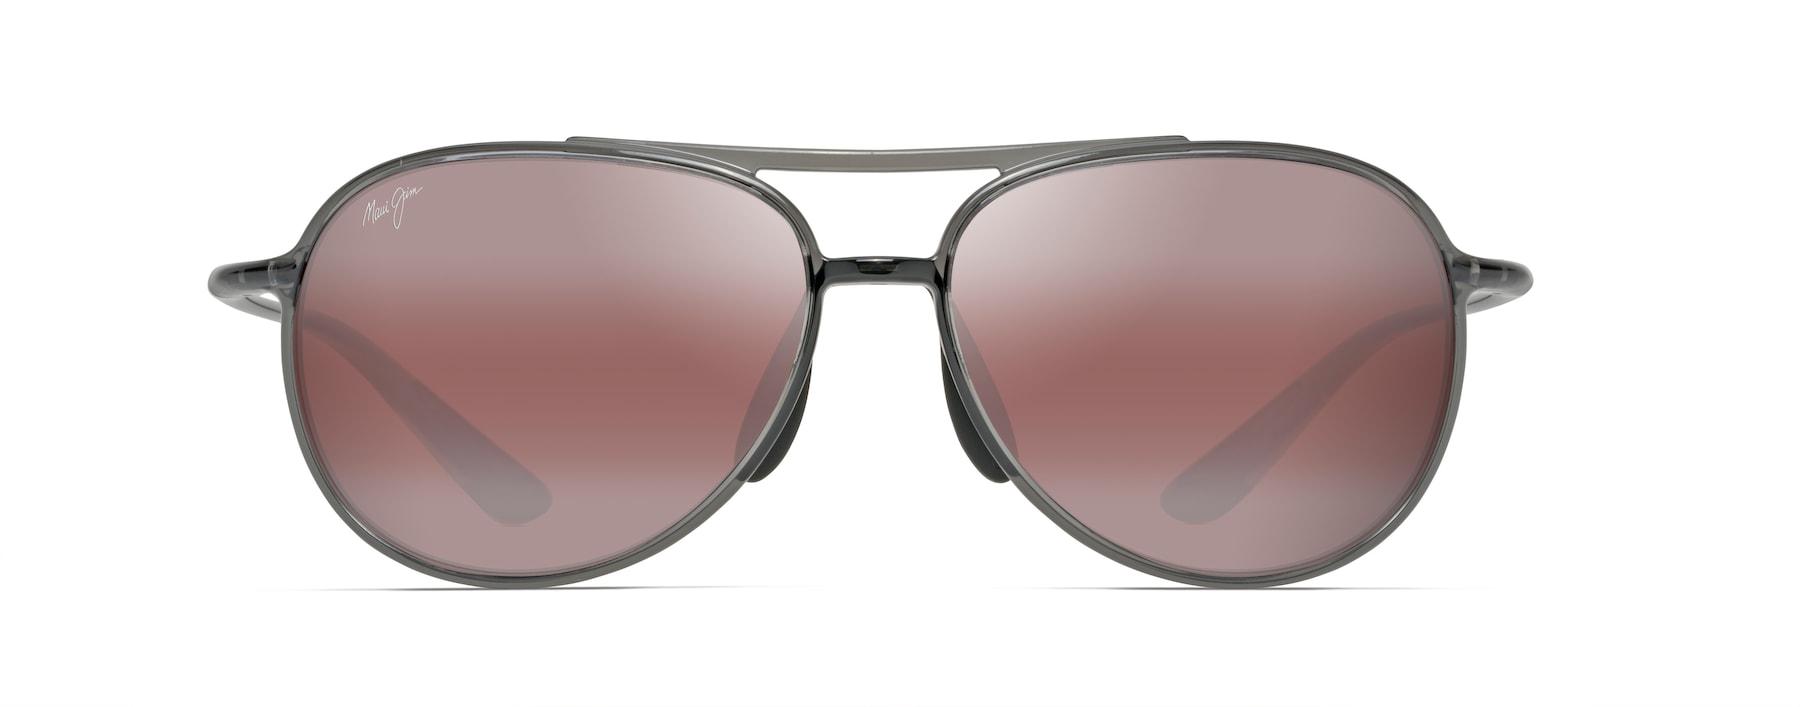 a438a08a1fad6 ALELELE BRIDGE. Polarized Aviator Sunglasses